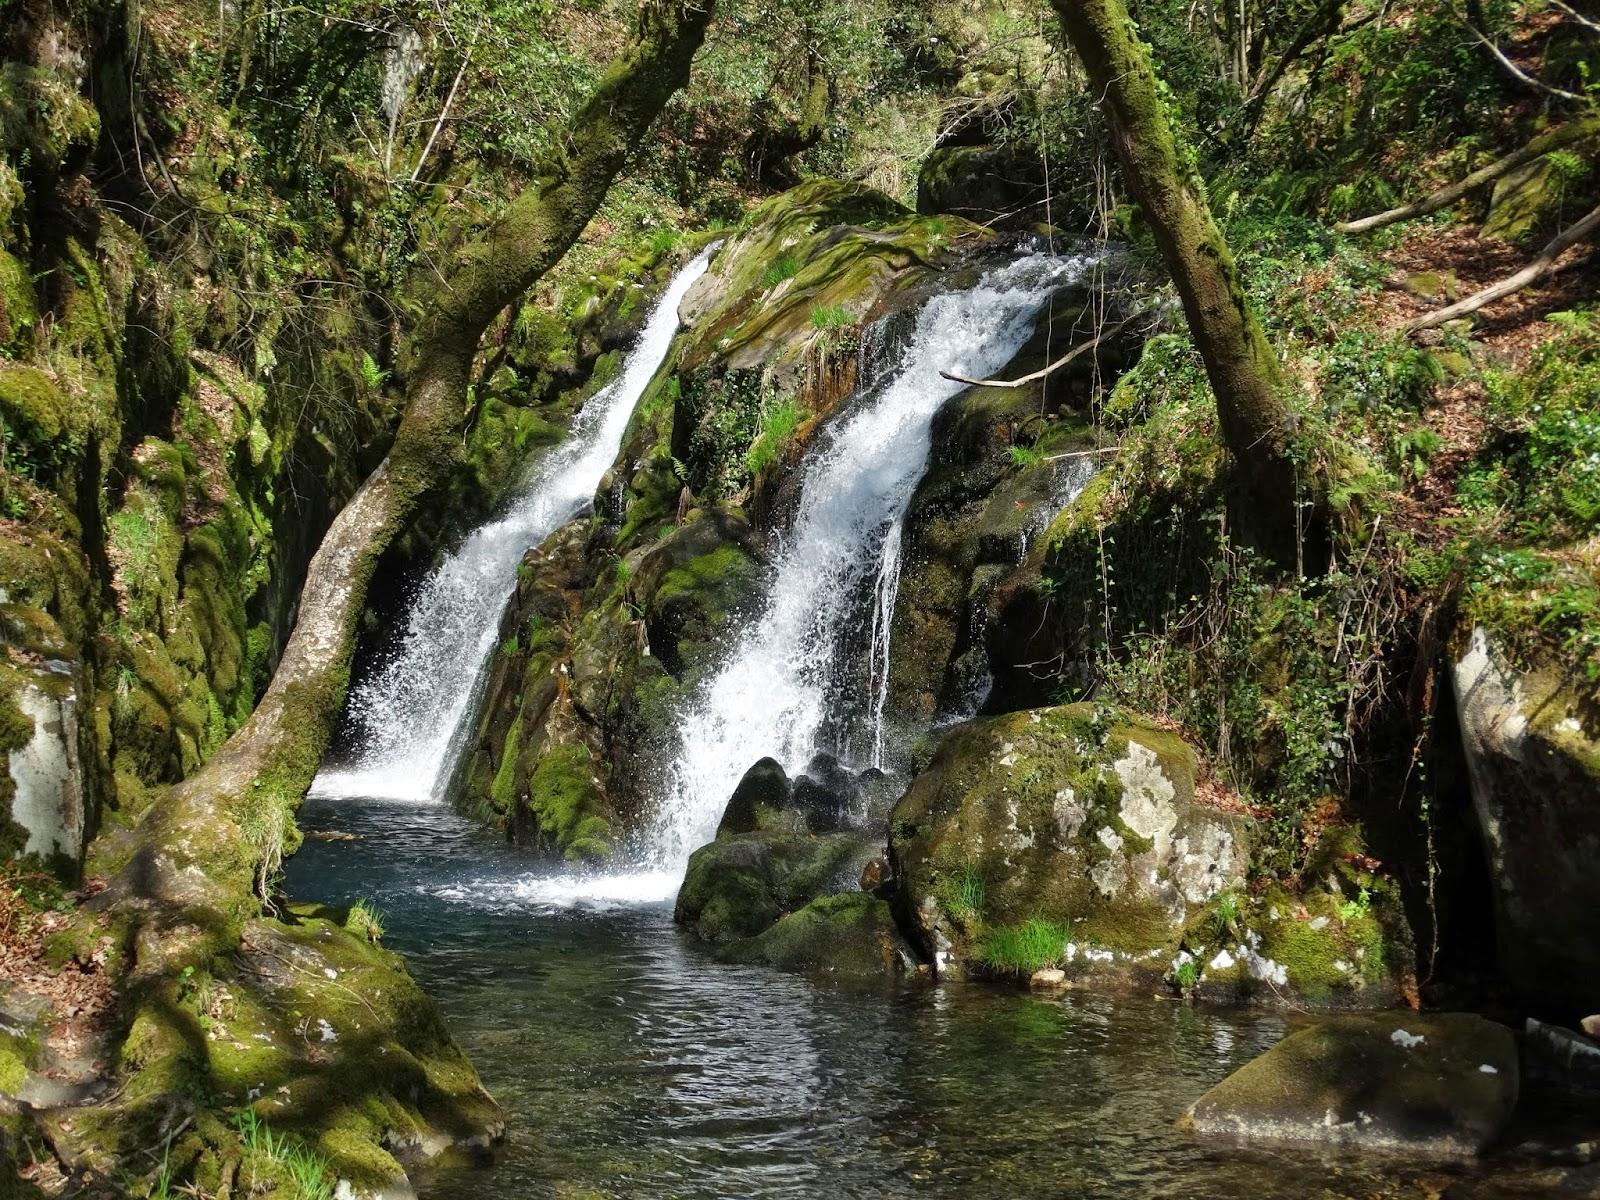 Cascada de Santa Leocadia en Mazaricos